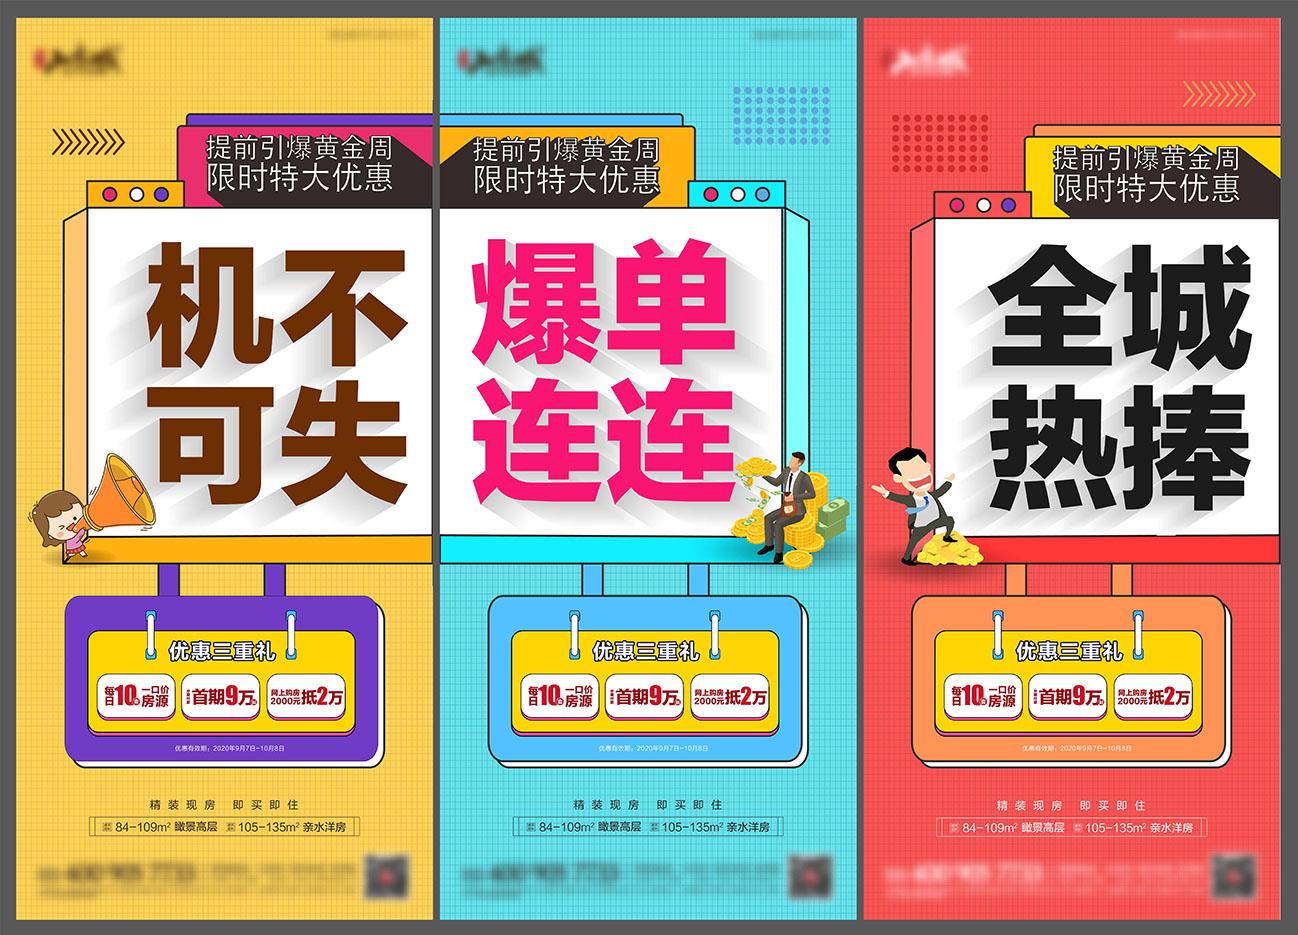 地产黄金周热销卡通插画系列刷屏稿AI源文件插图